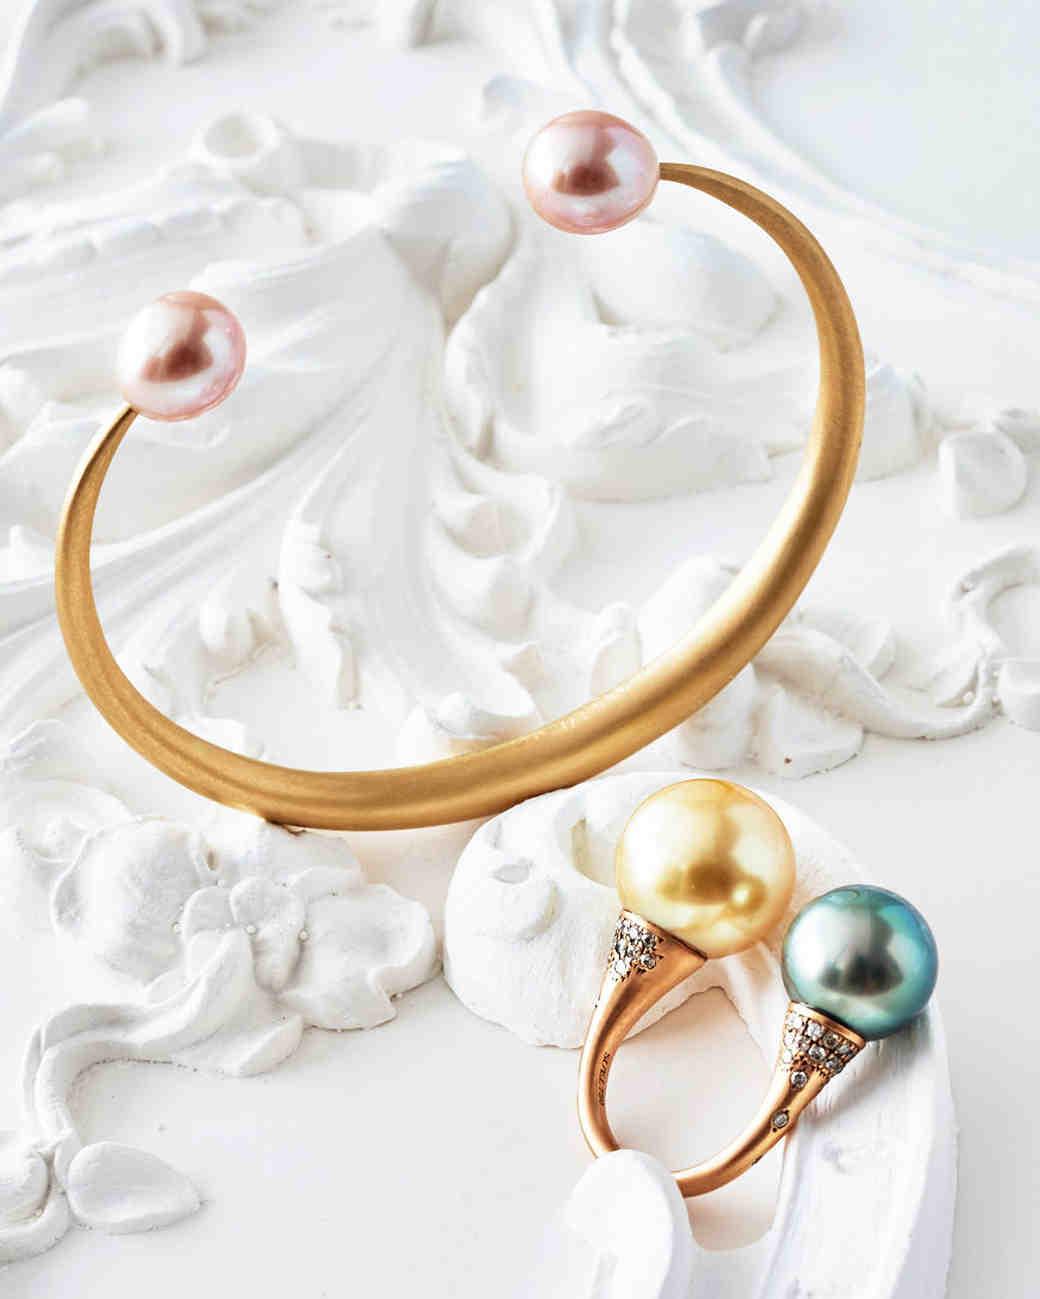 pearls-ted-muehling-august-la-0216.jpg